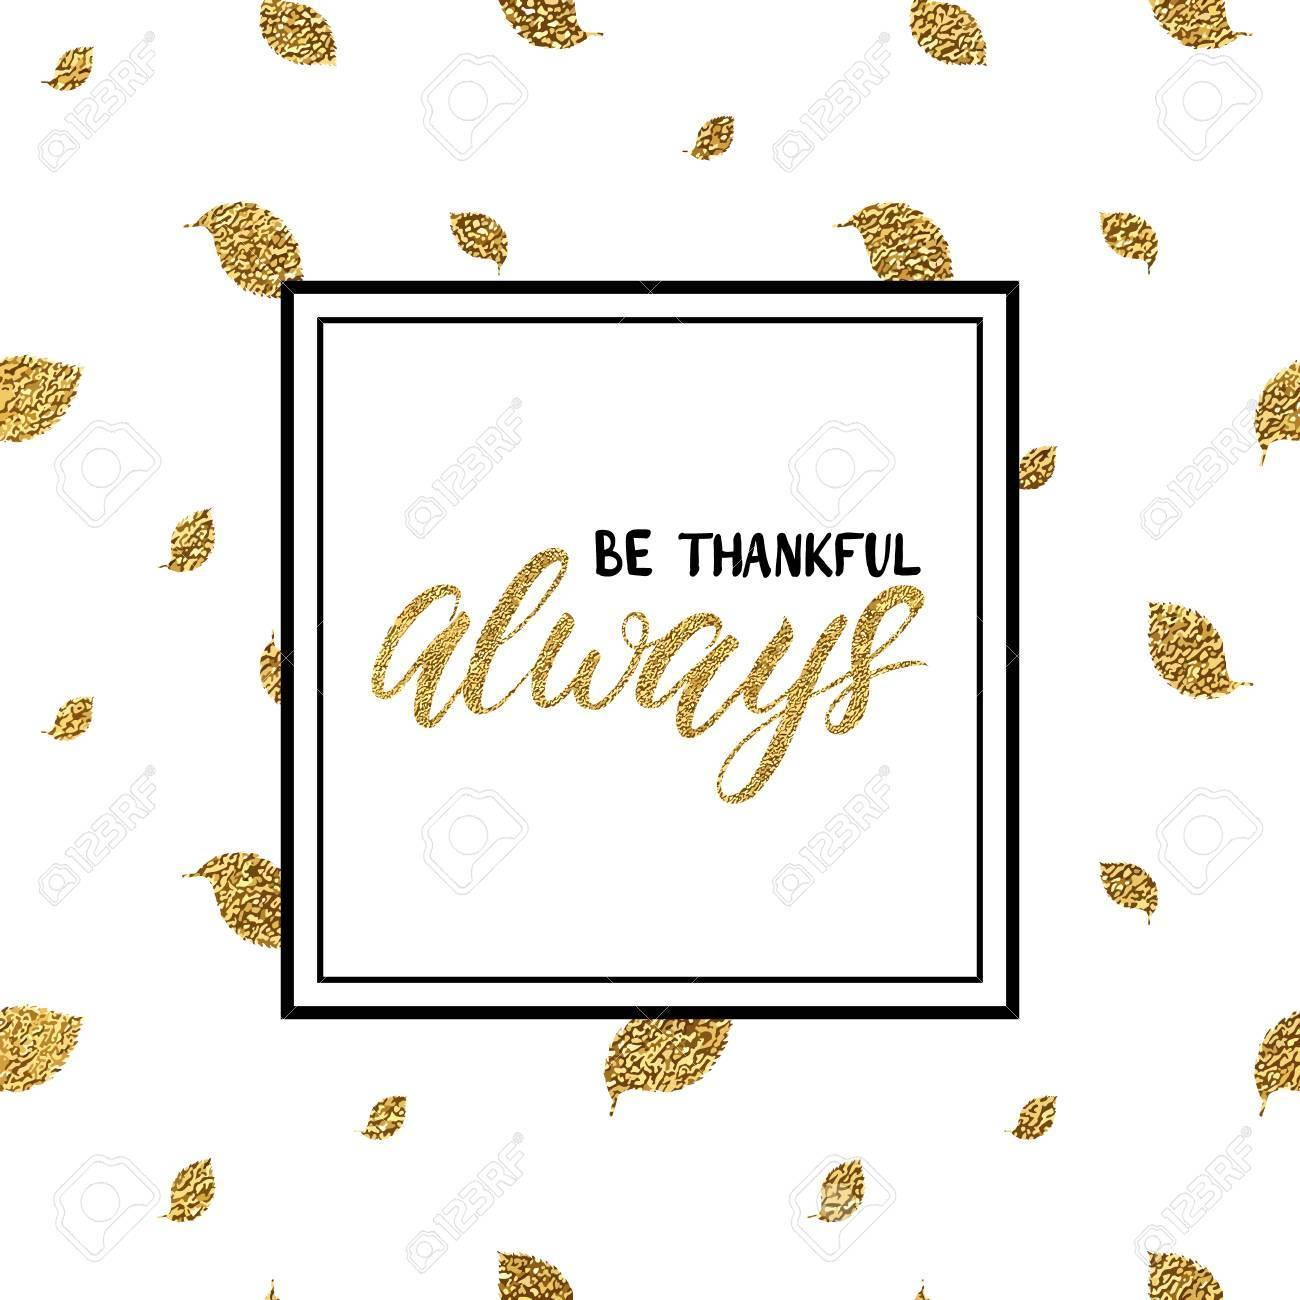 Fondo De Acción De Gracias Sea Agradecido Siempre Letras Sobre Hojas De Otoño Glitter Oro Sin Fisuras Tarjeta De Acción De Gracias Feliz